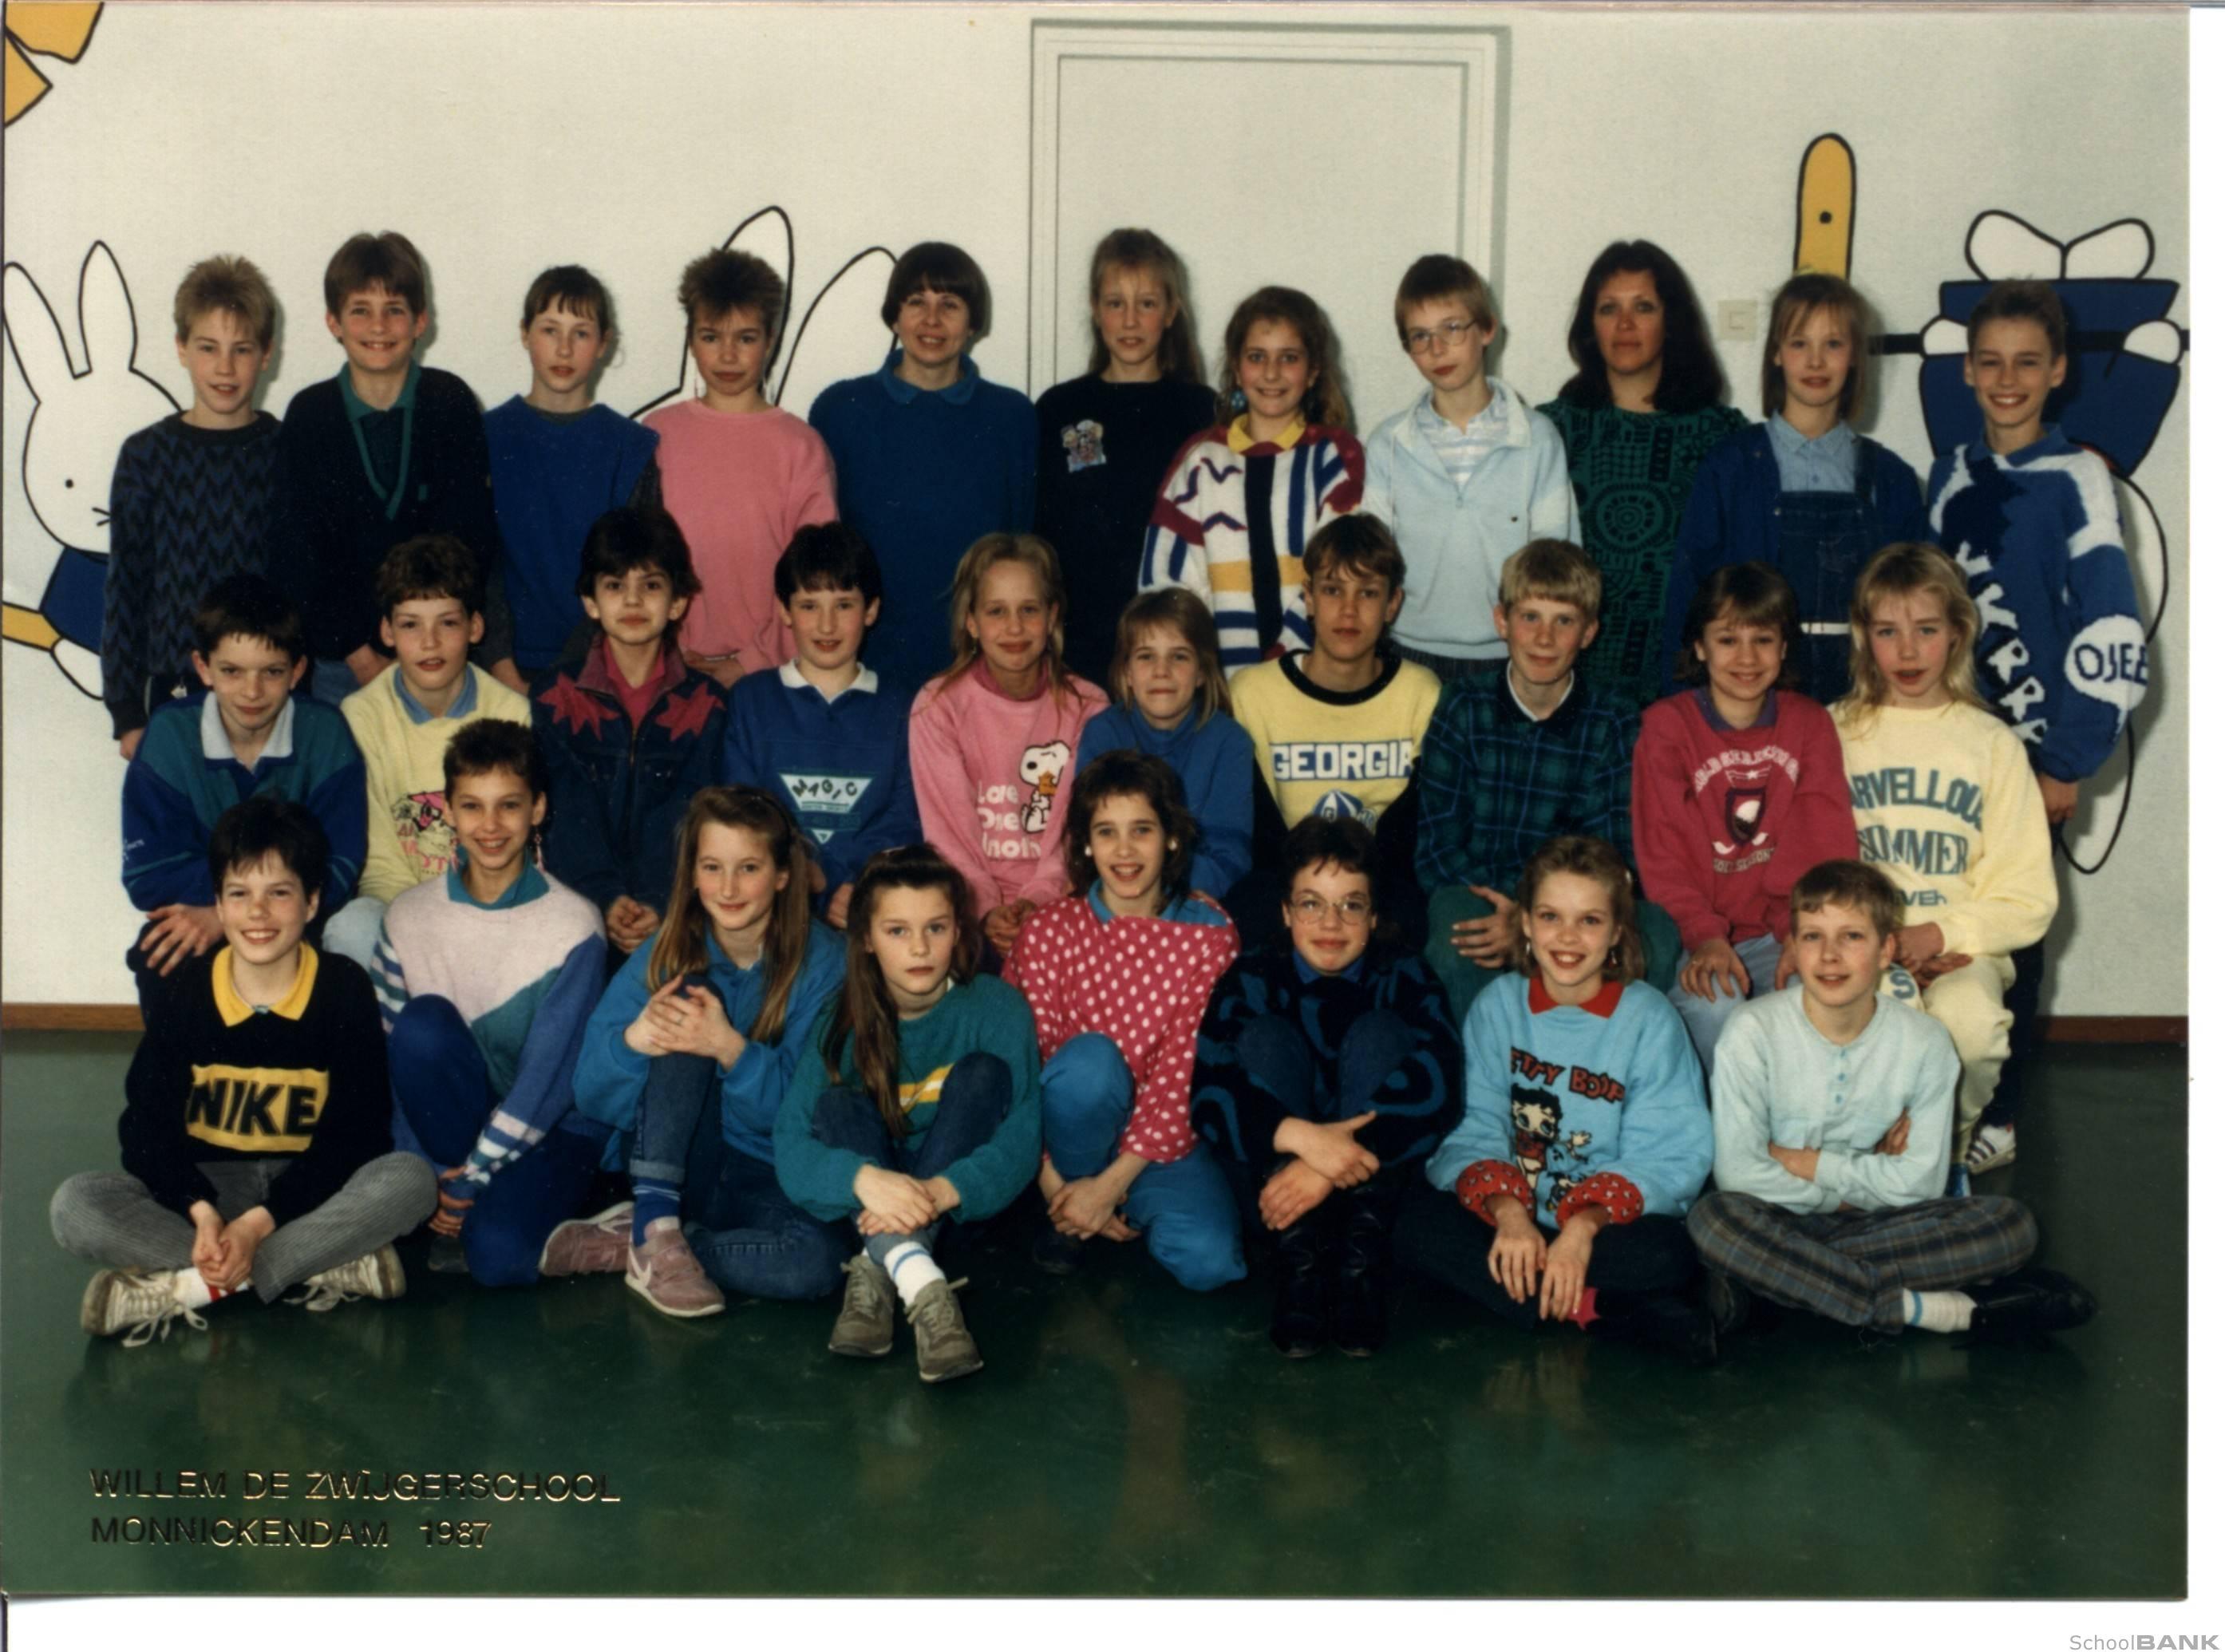 Willem De Zwijgerschool foto